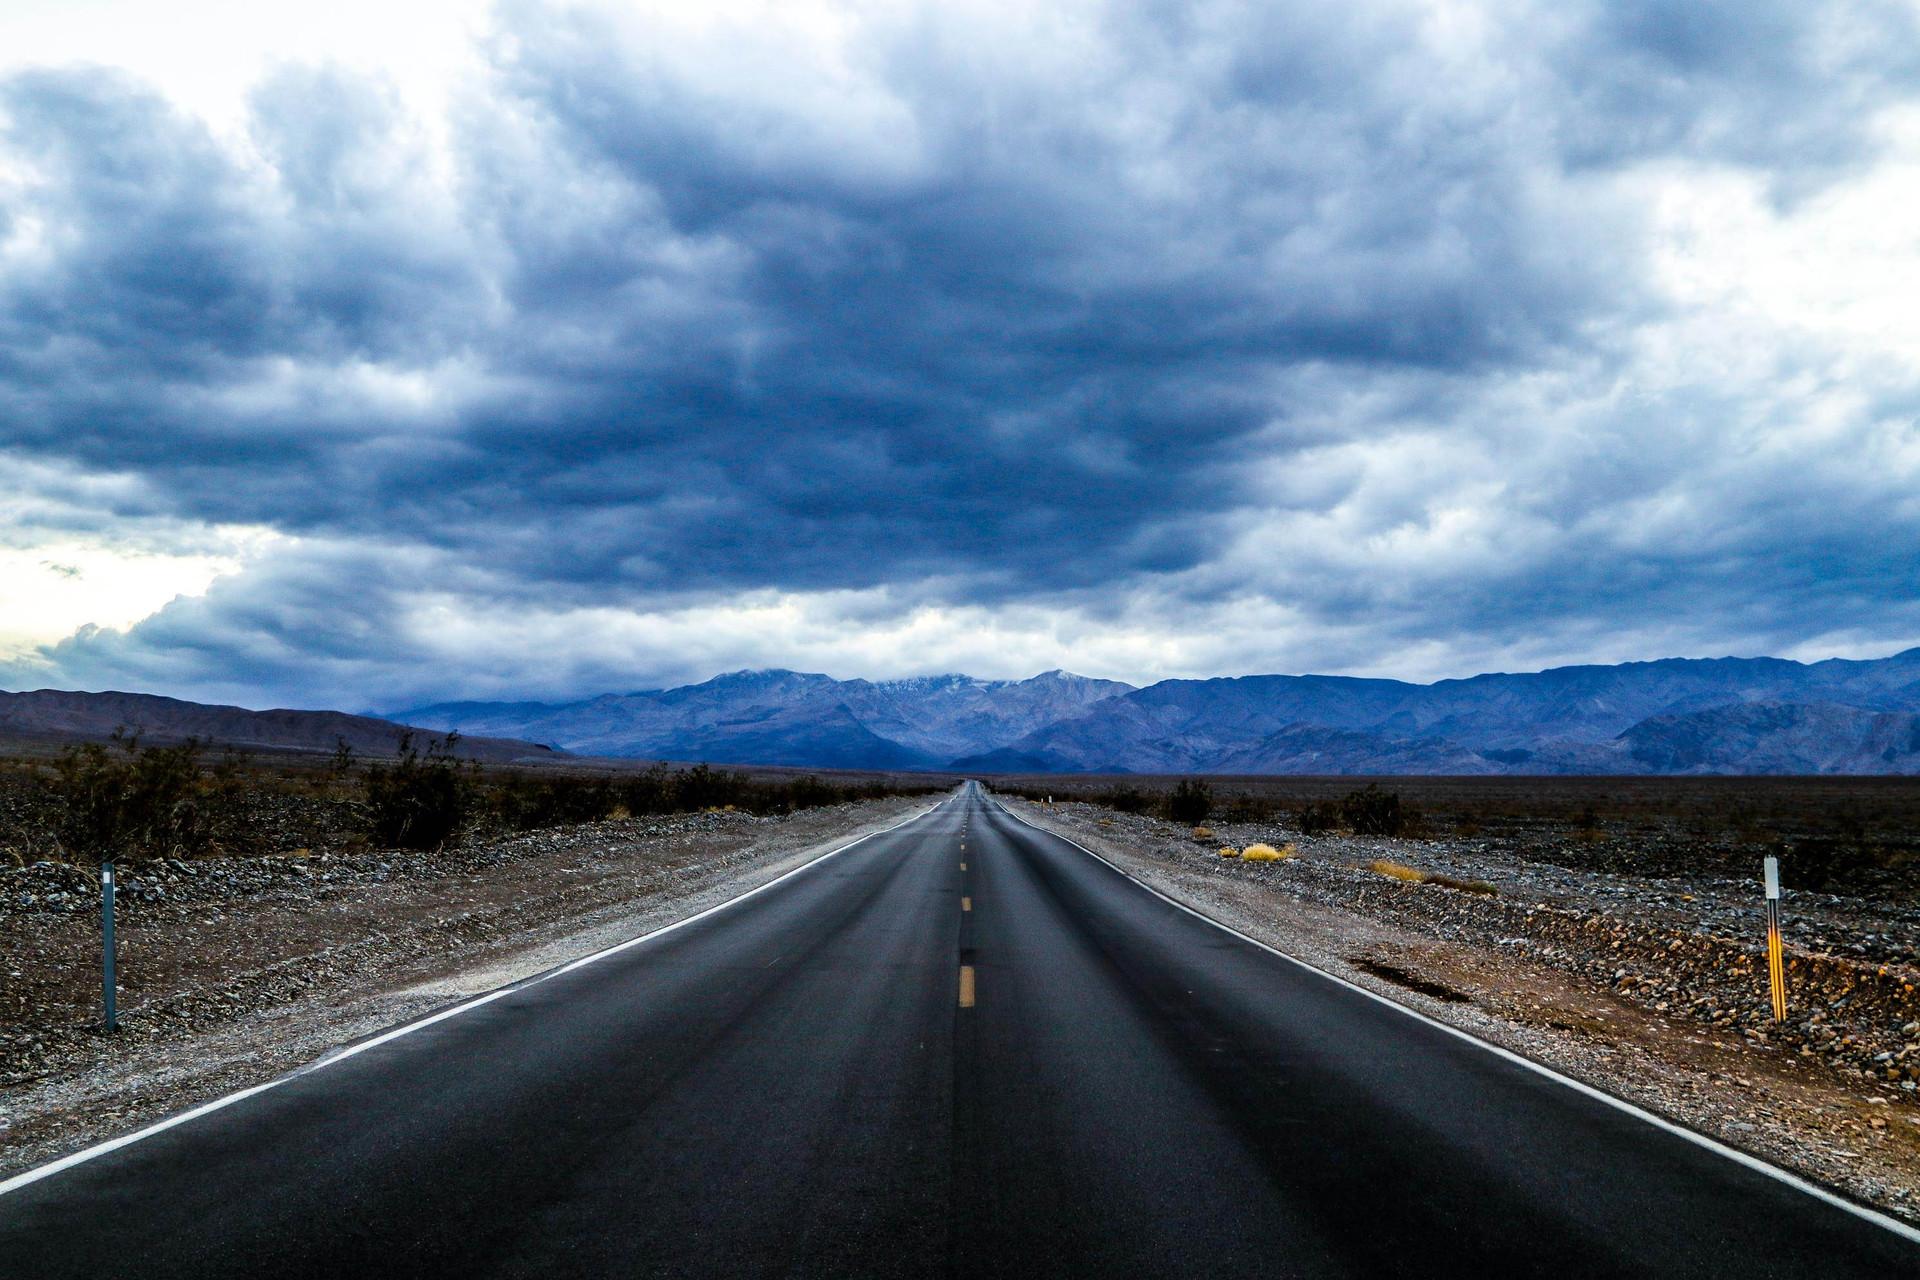 Arizona | January 2019